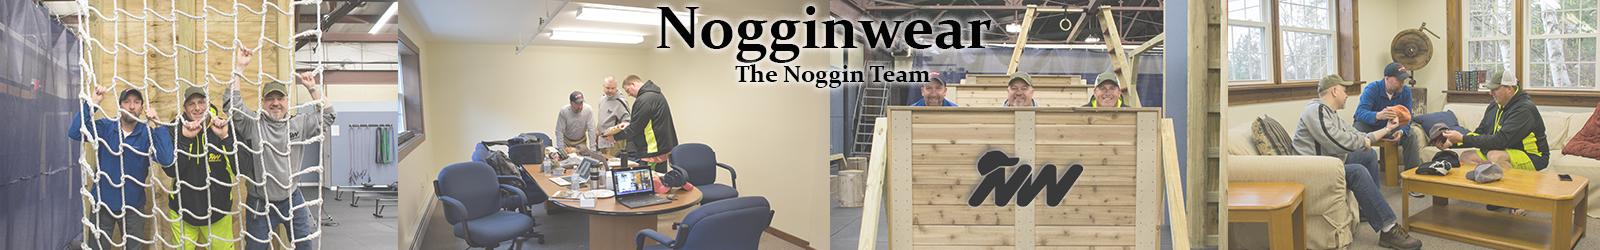 Nogginwear